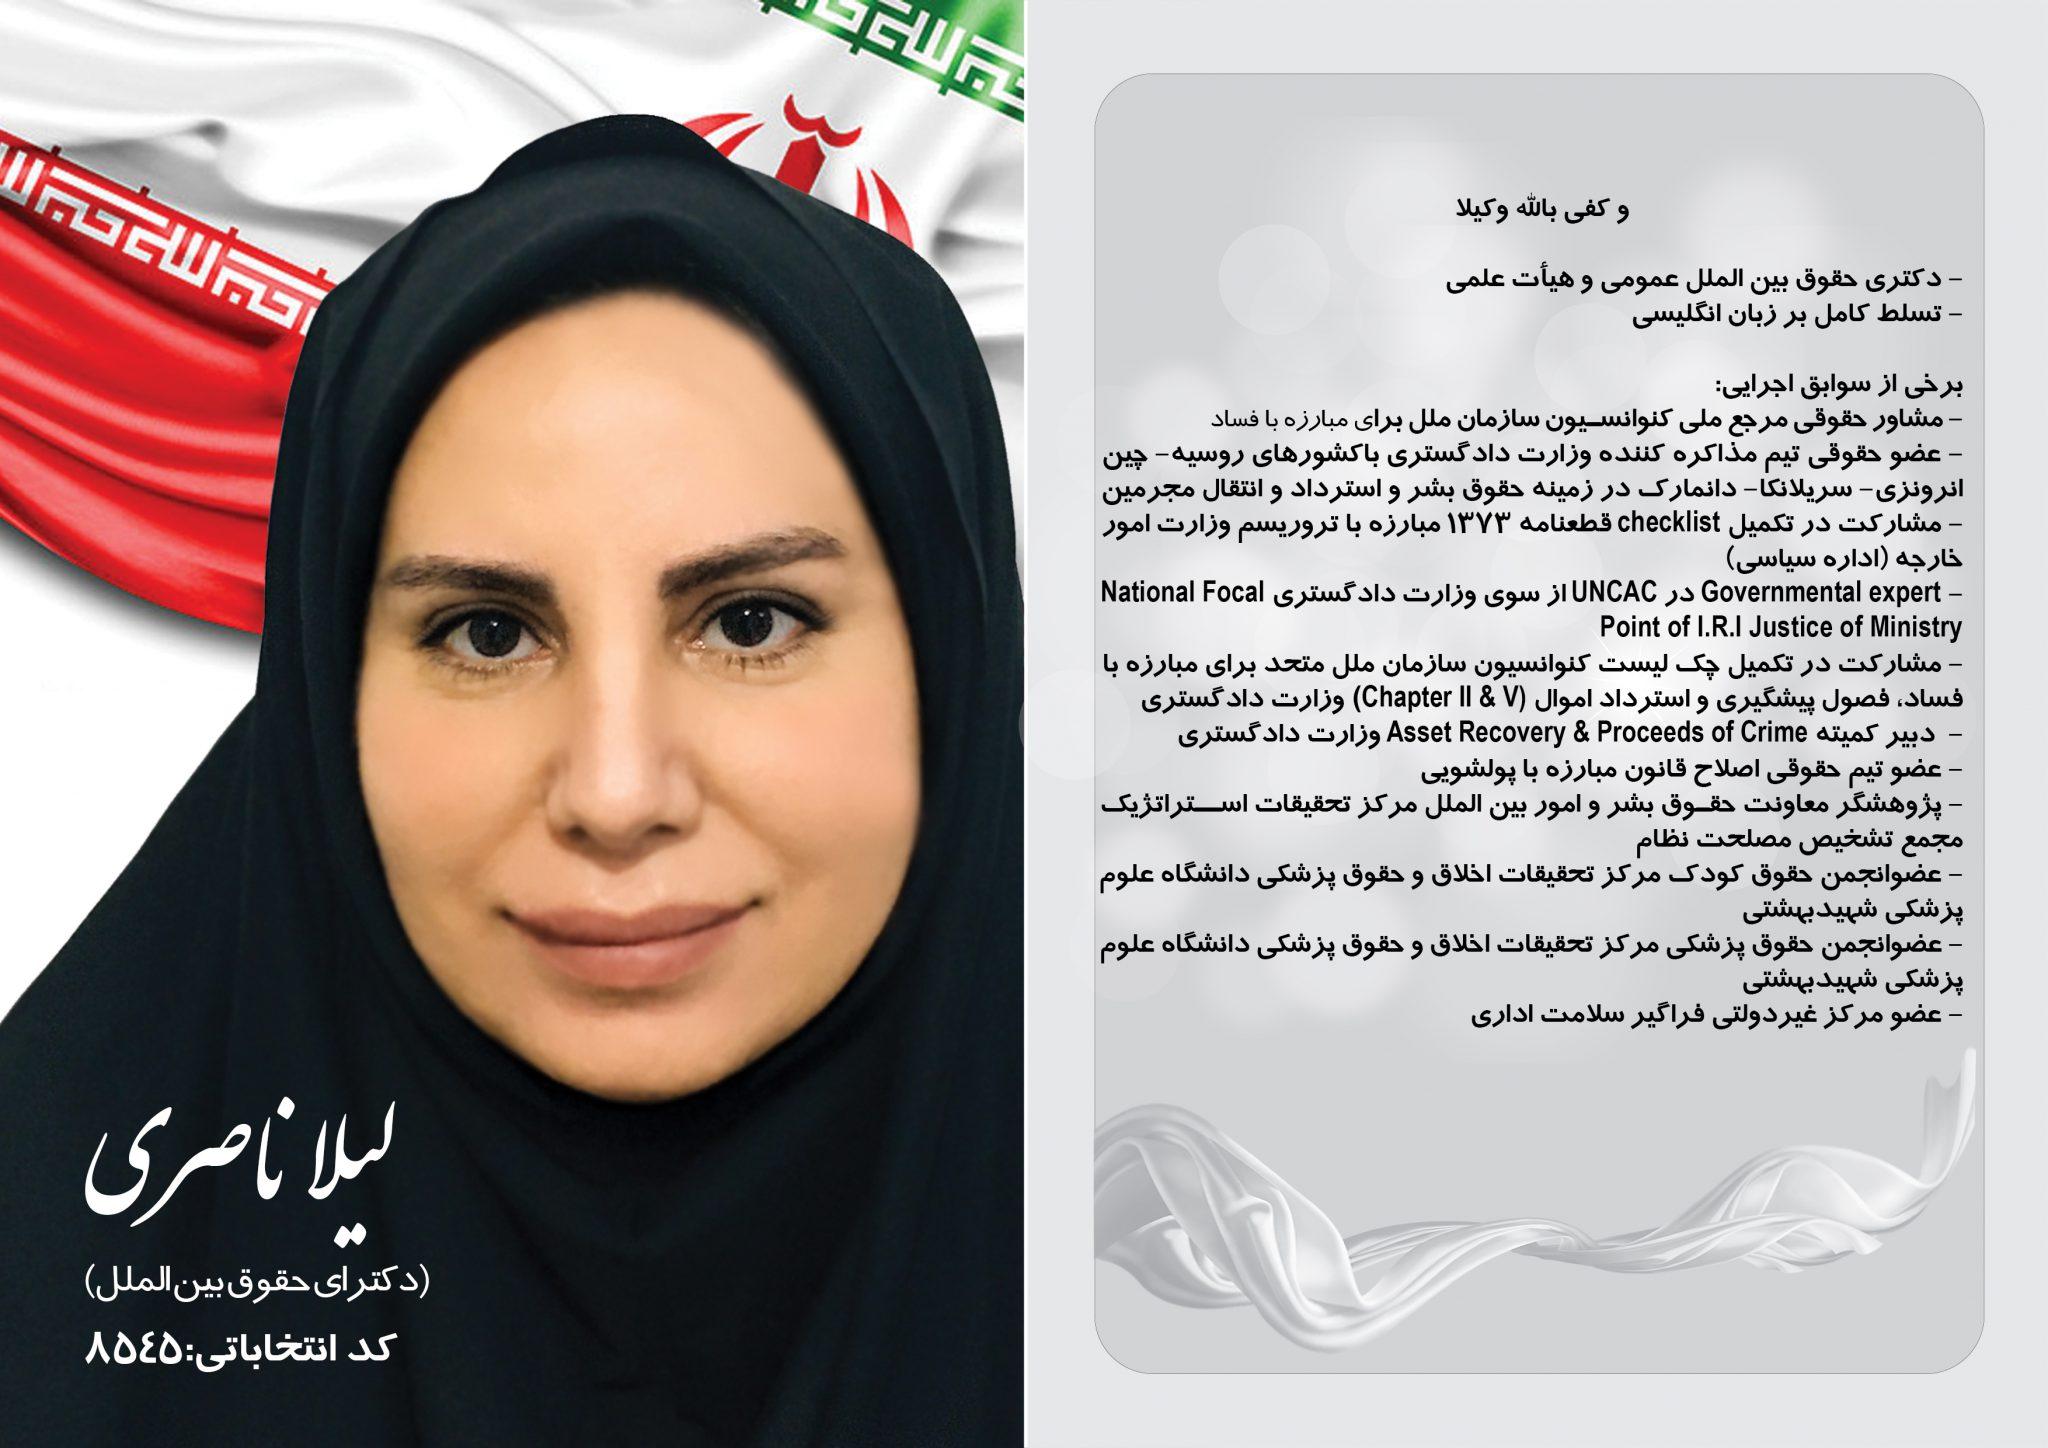 دکتر لیلا ناصری نامزد انتخابات مجلس تهران